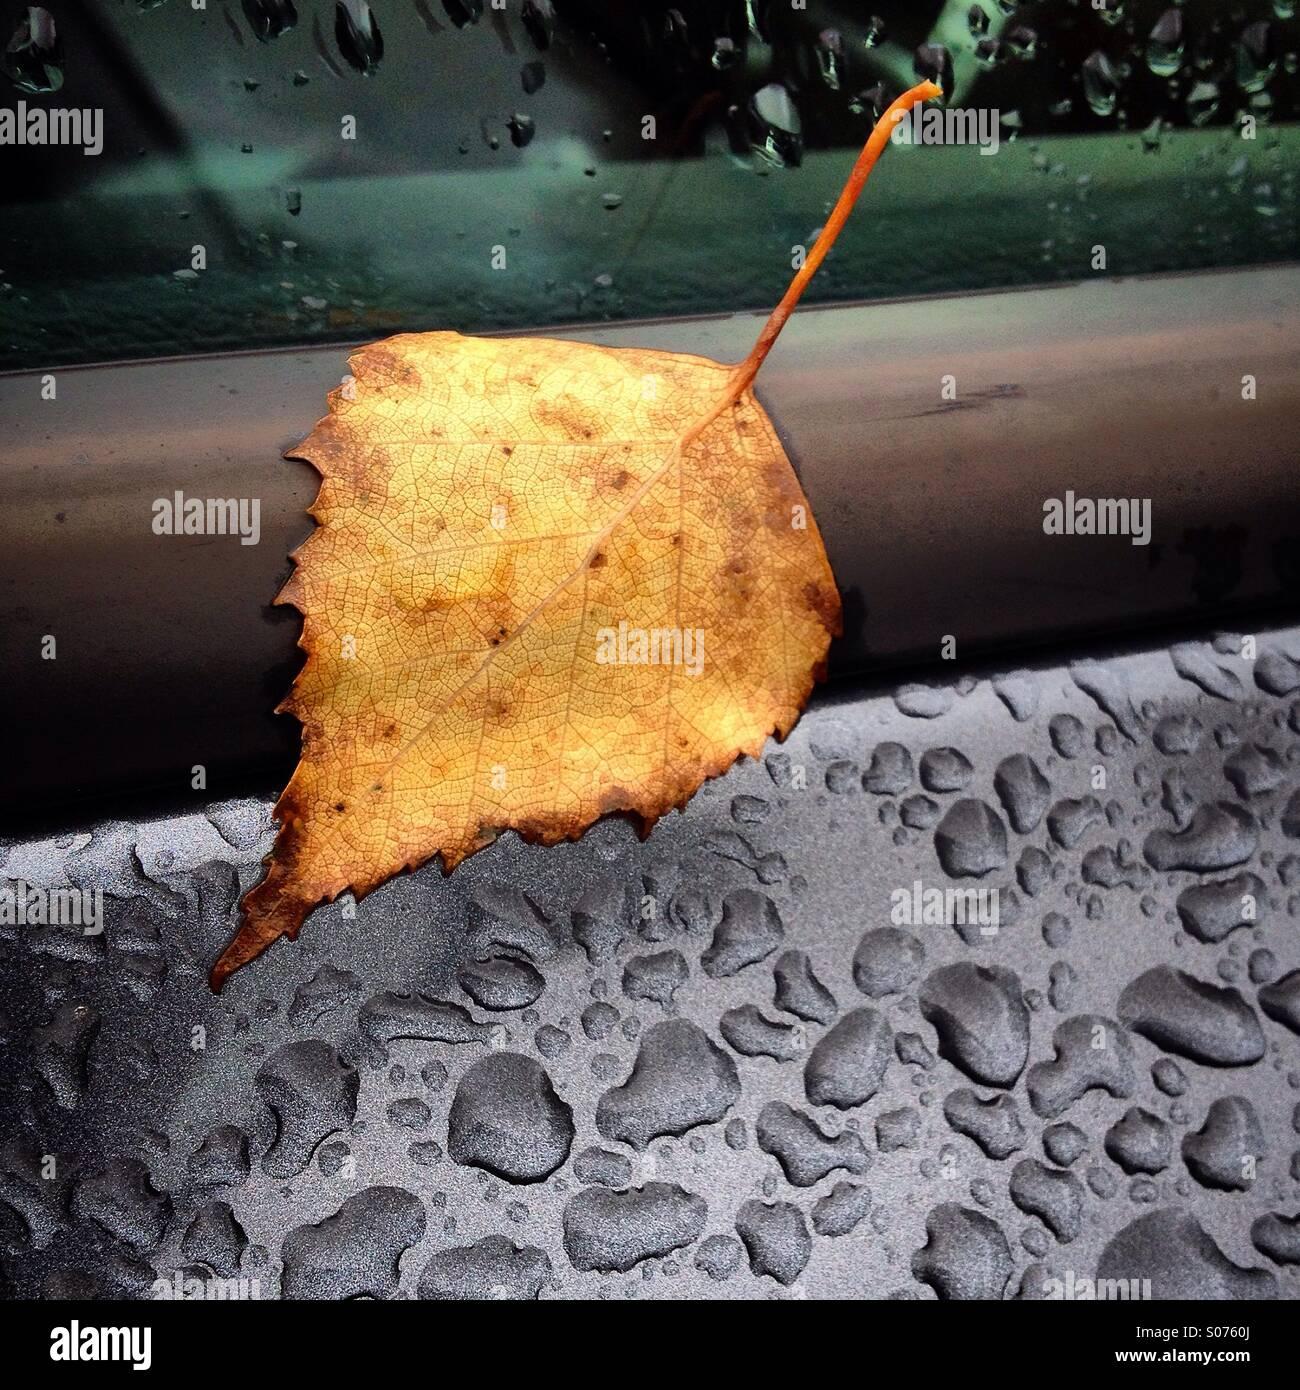 Una hoja de otoño en un lluvioso car window Imagen De Stock